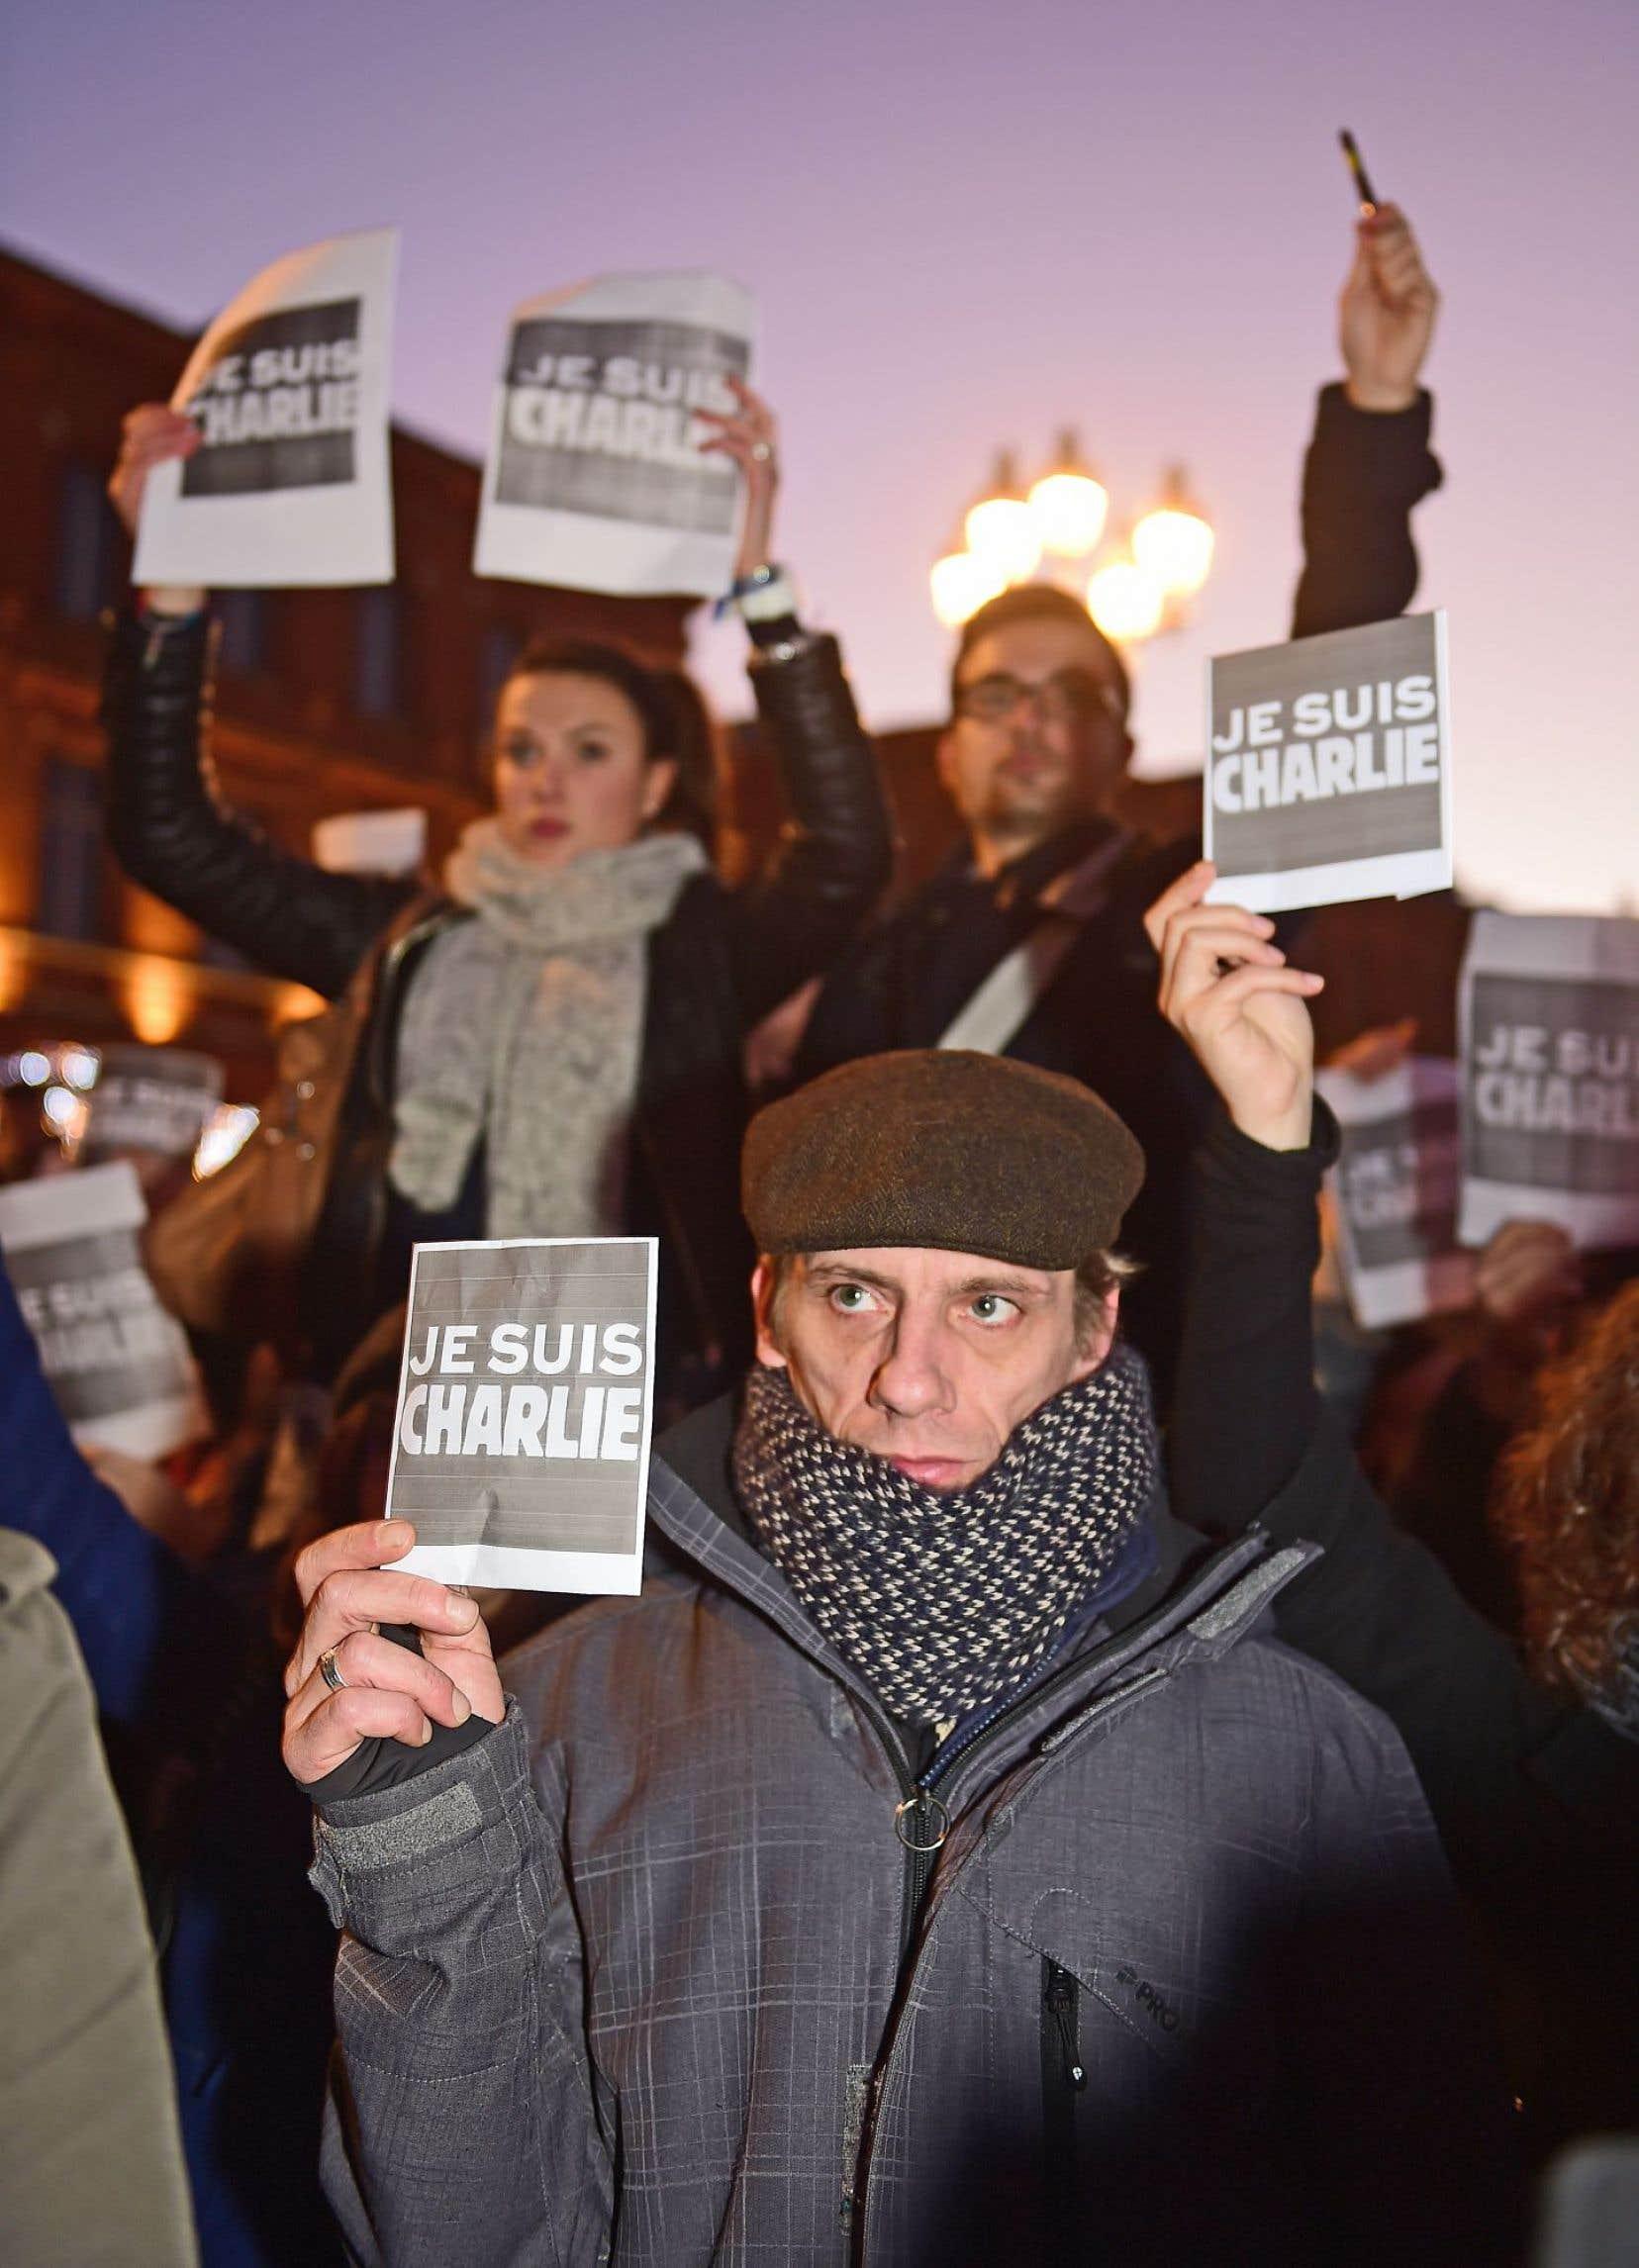 Une des nombreuses manifestations de solidarité avec Charlie Hebdo